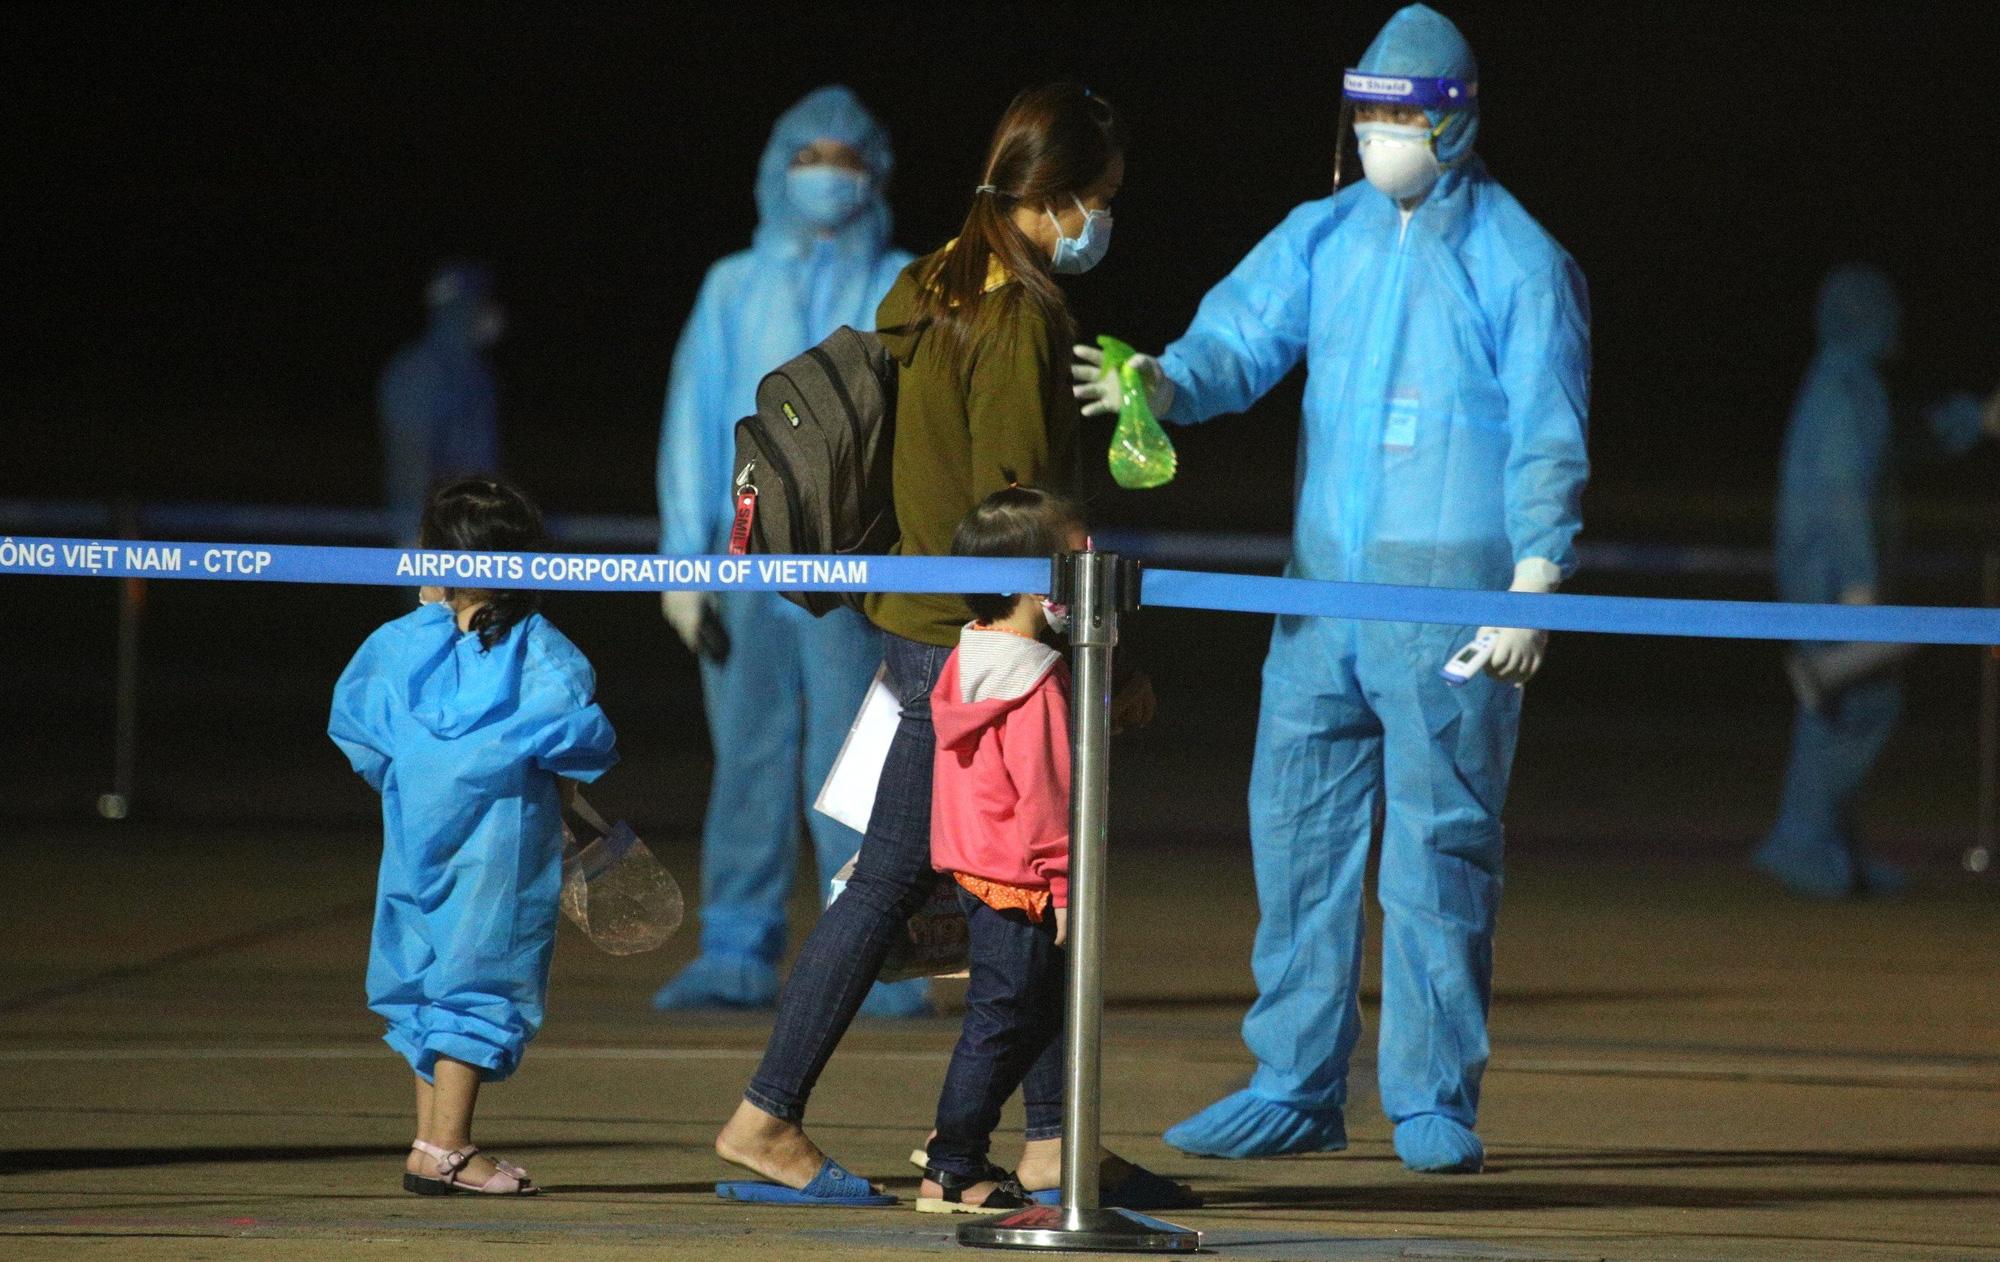 Chuyến bay miễn phí đầu tiên chở hơn 200 công dân từ miền Nam về Nghệ An - Ảnh 7.